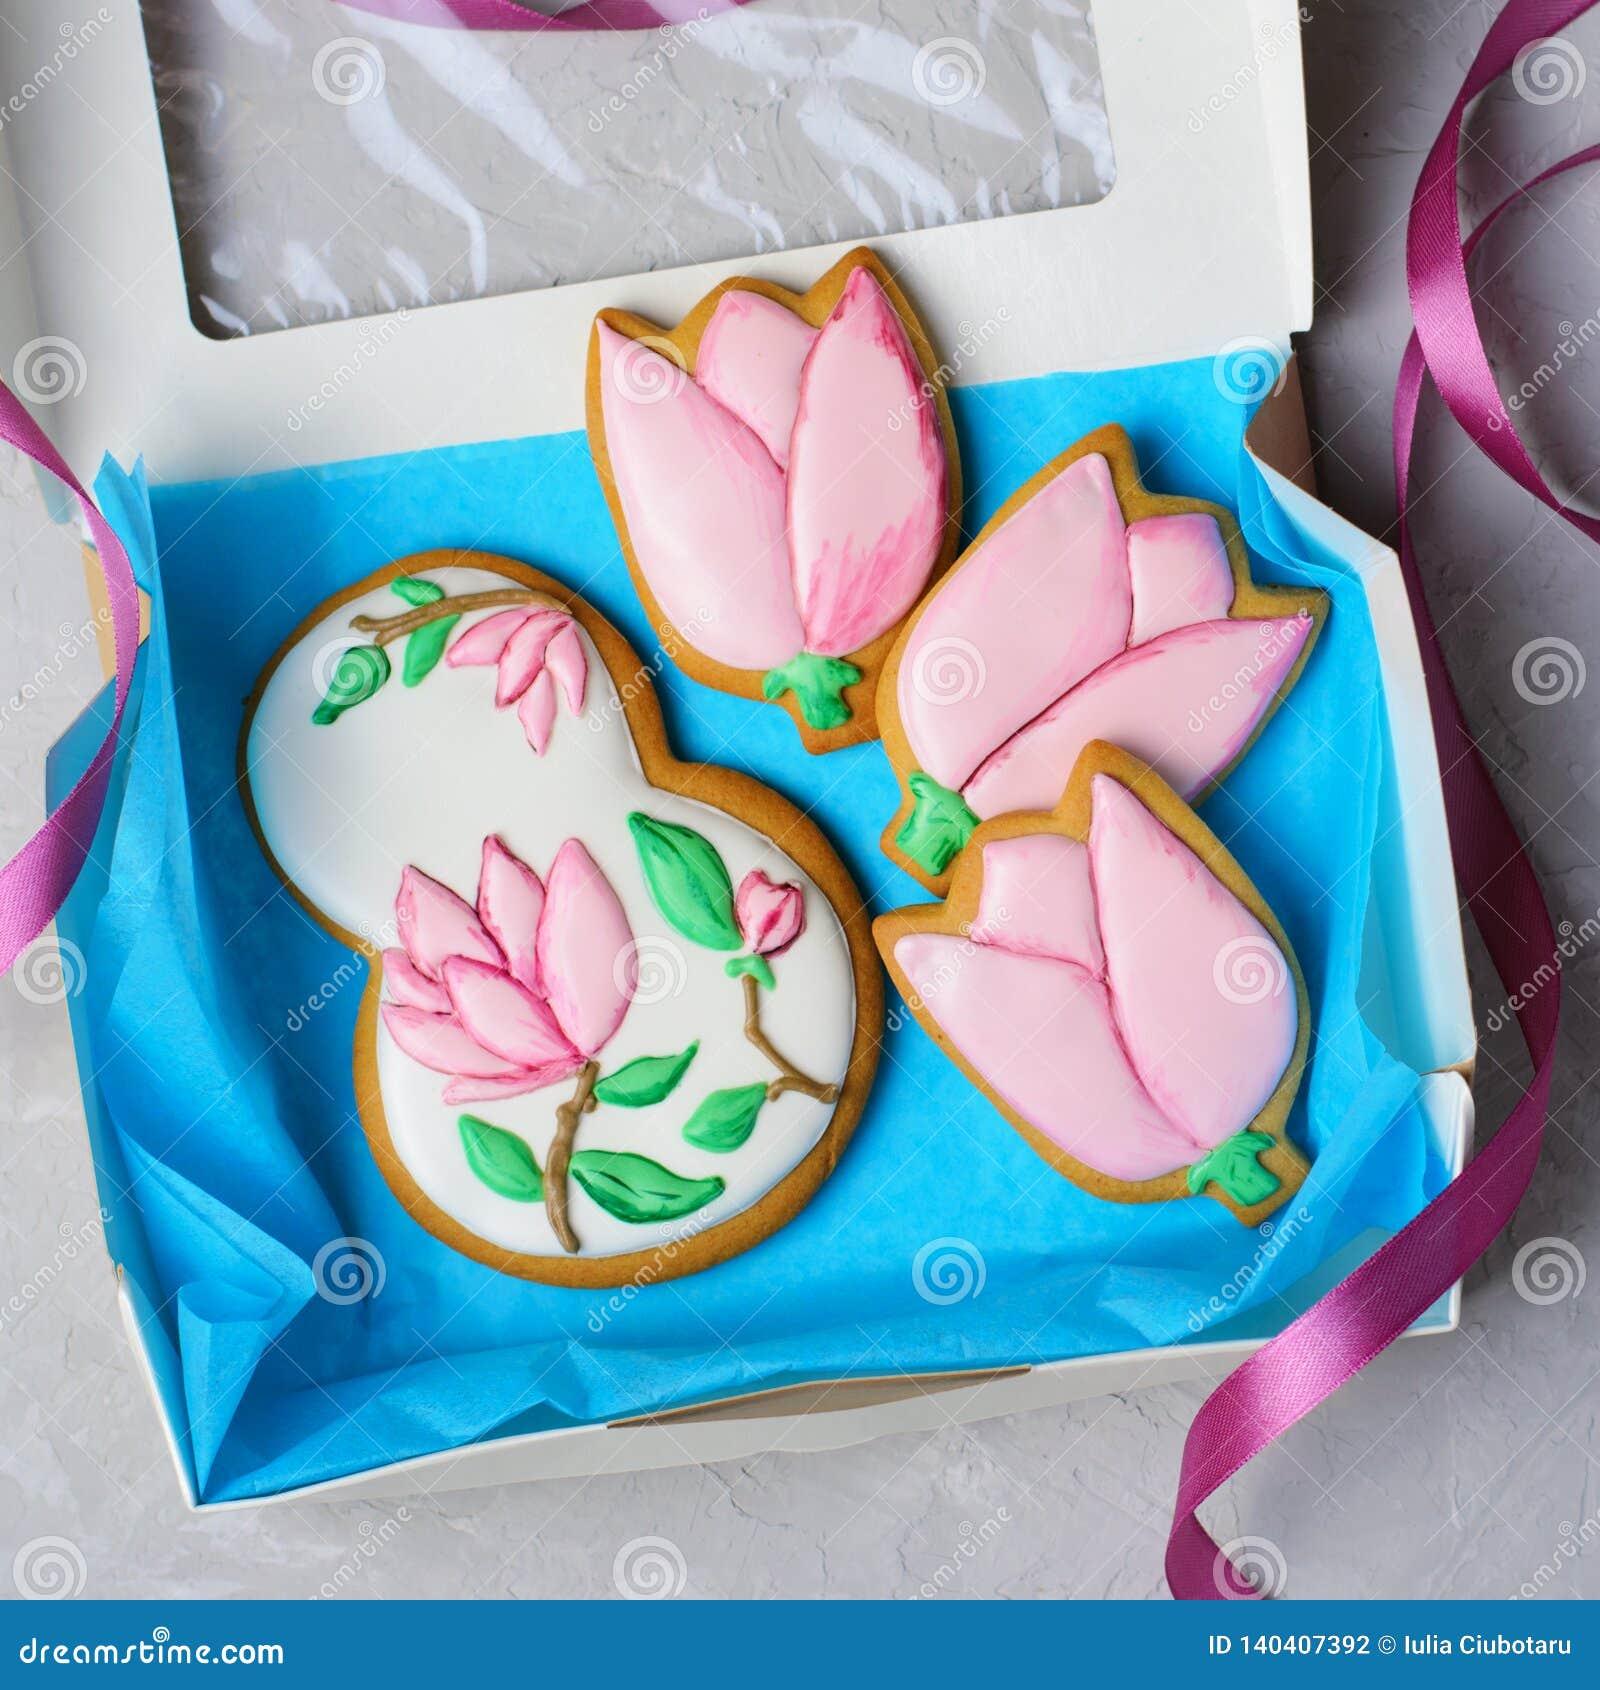 Biscuits de pain d épice pour le 8 mars, le jour des femmes, biscuits faits main avec Sugar Icing